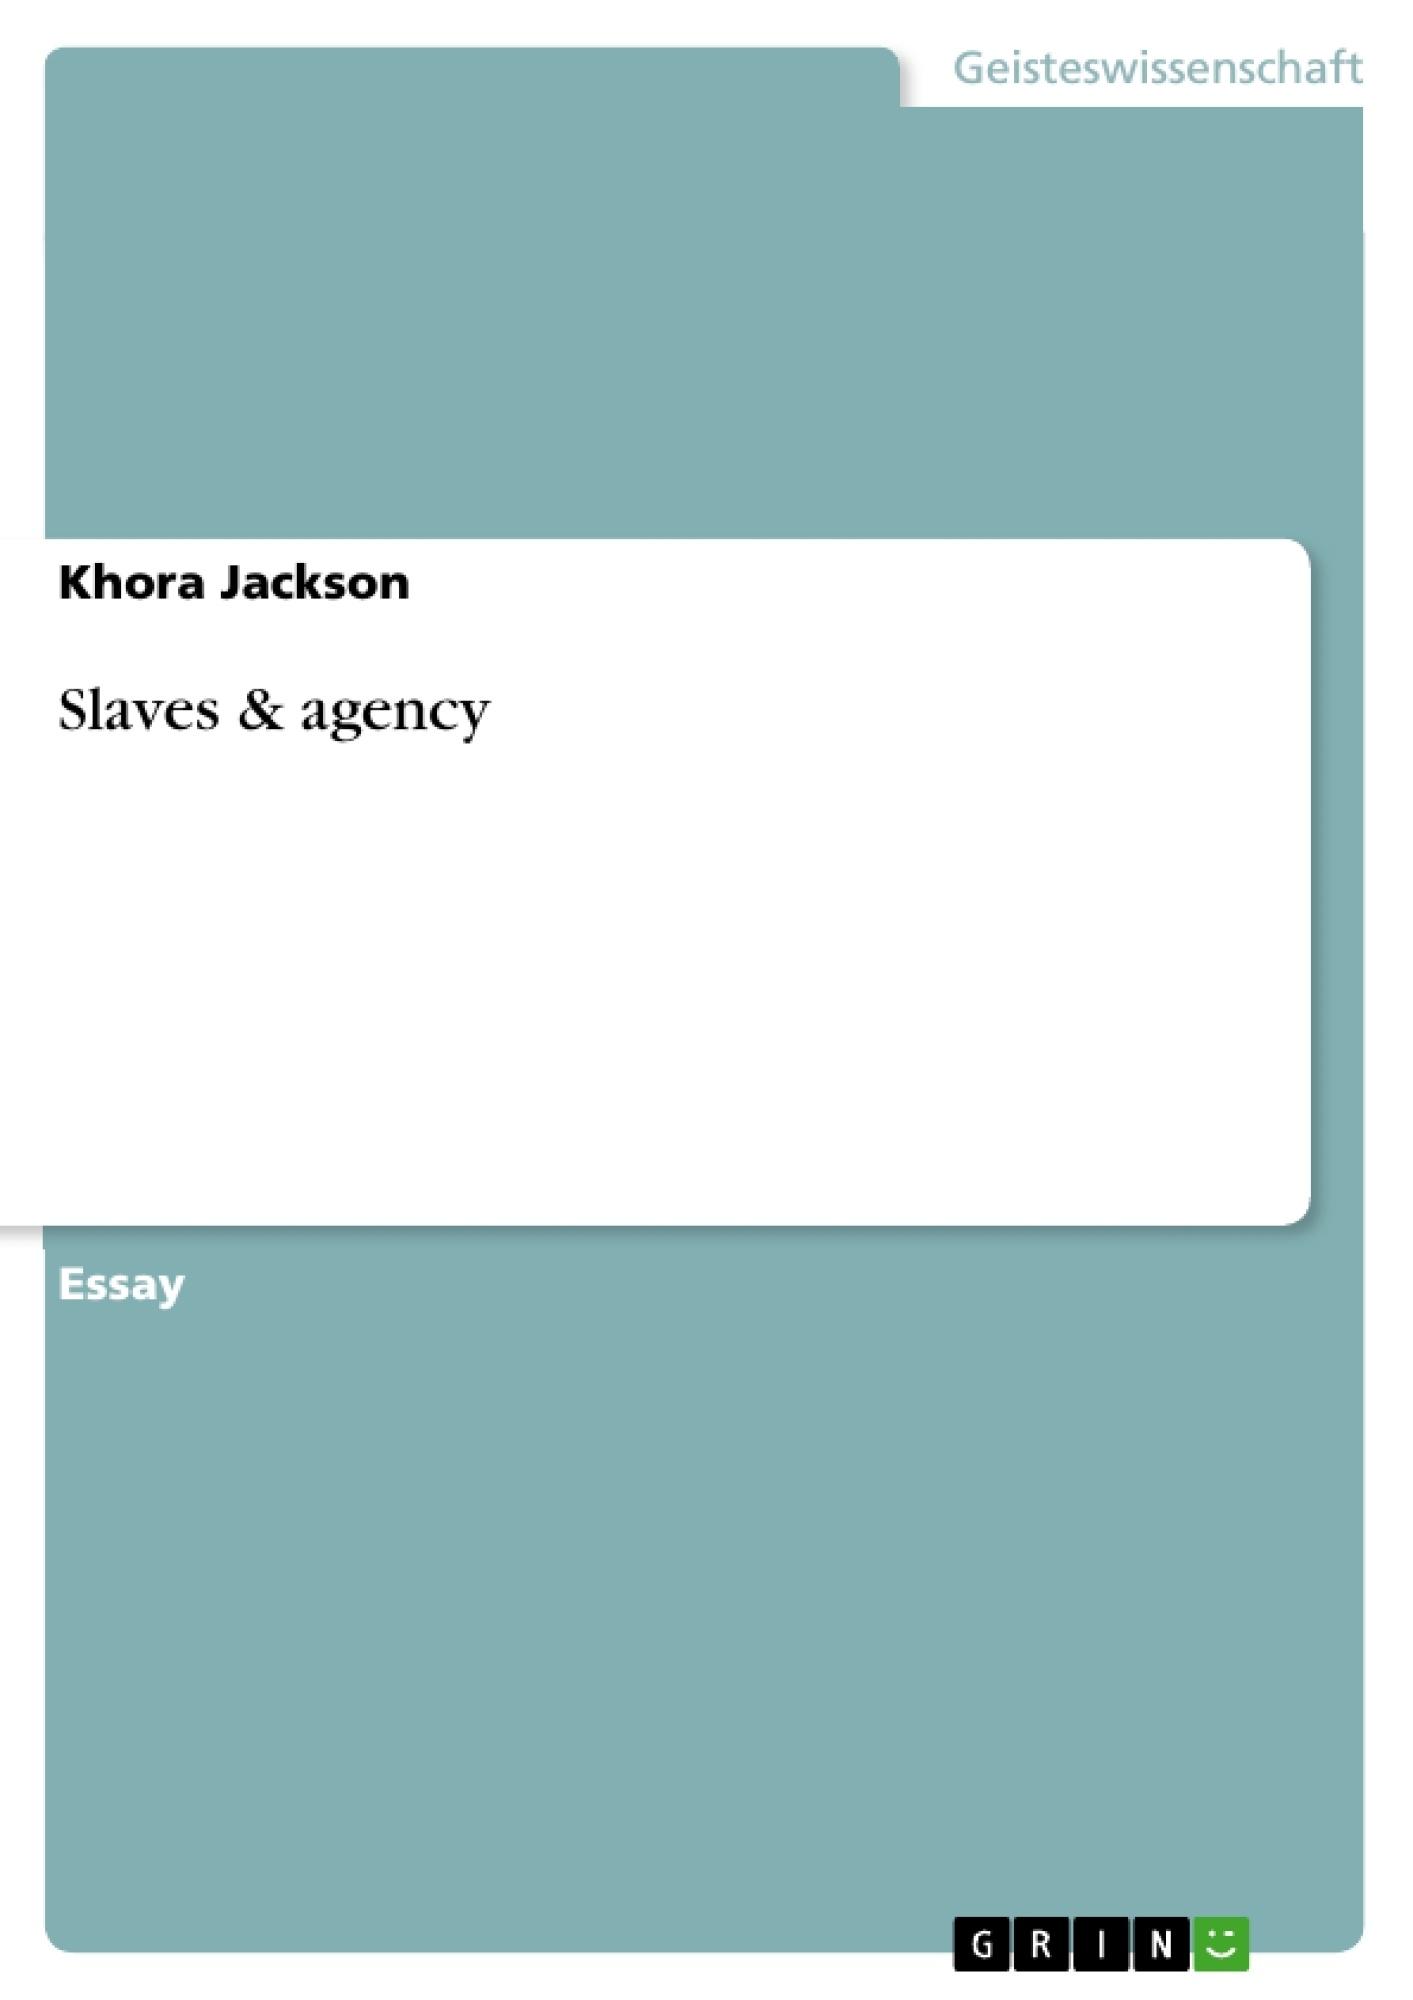 Titel: Slaves & agency